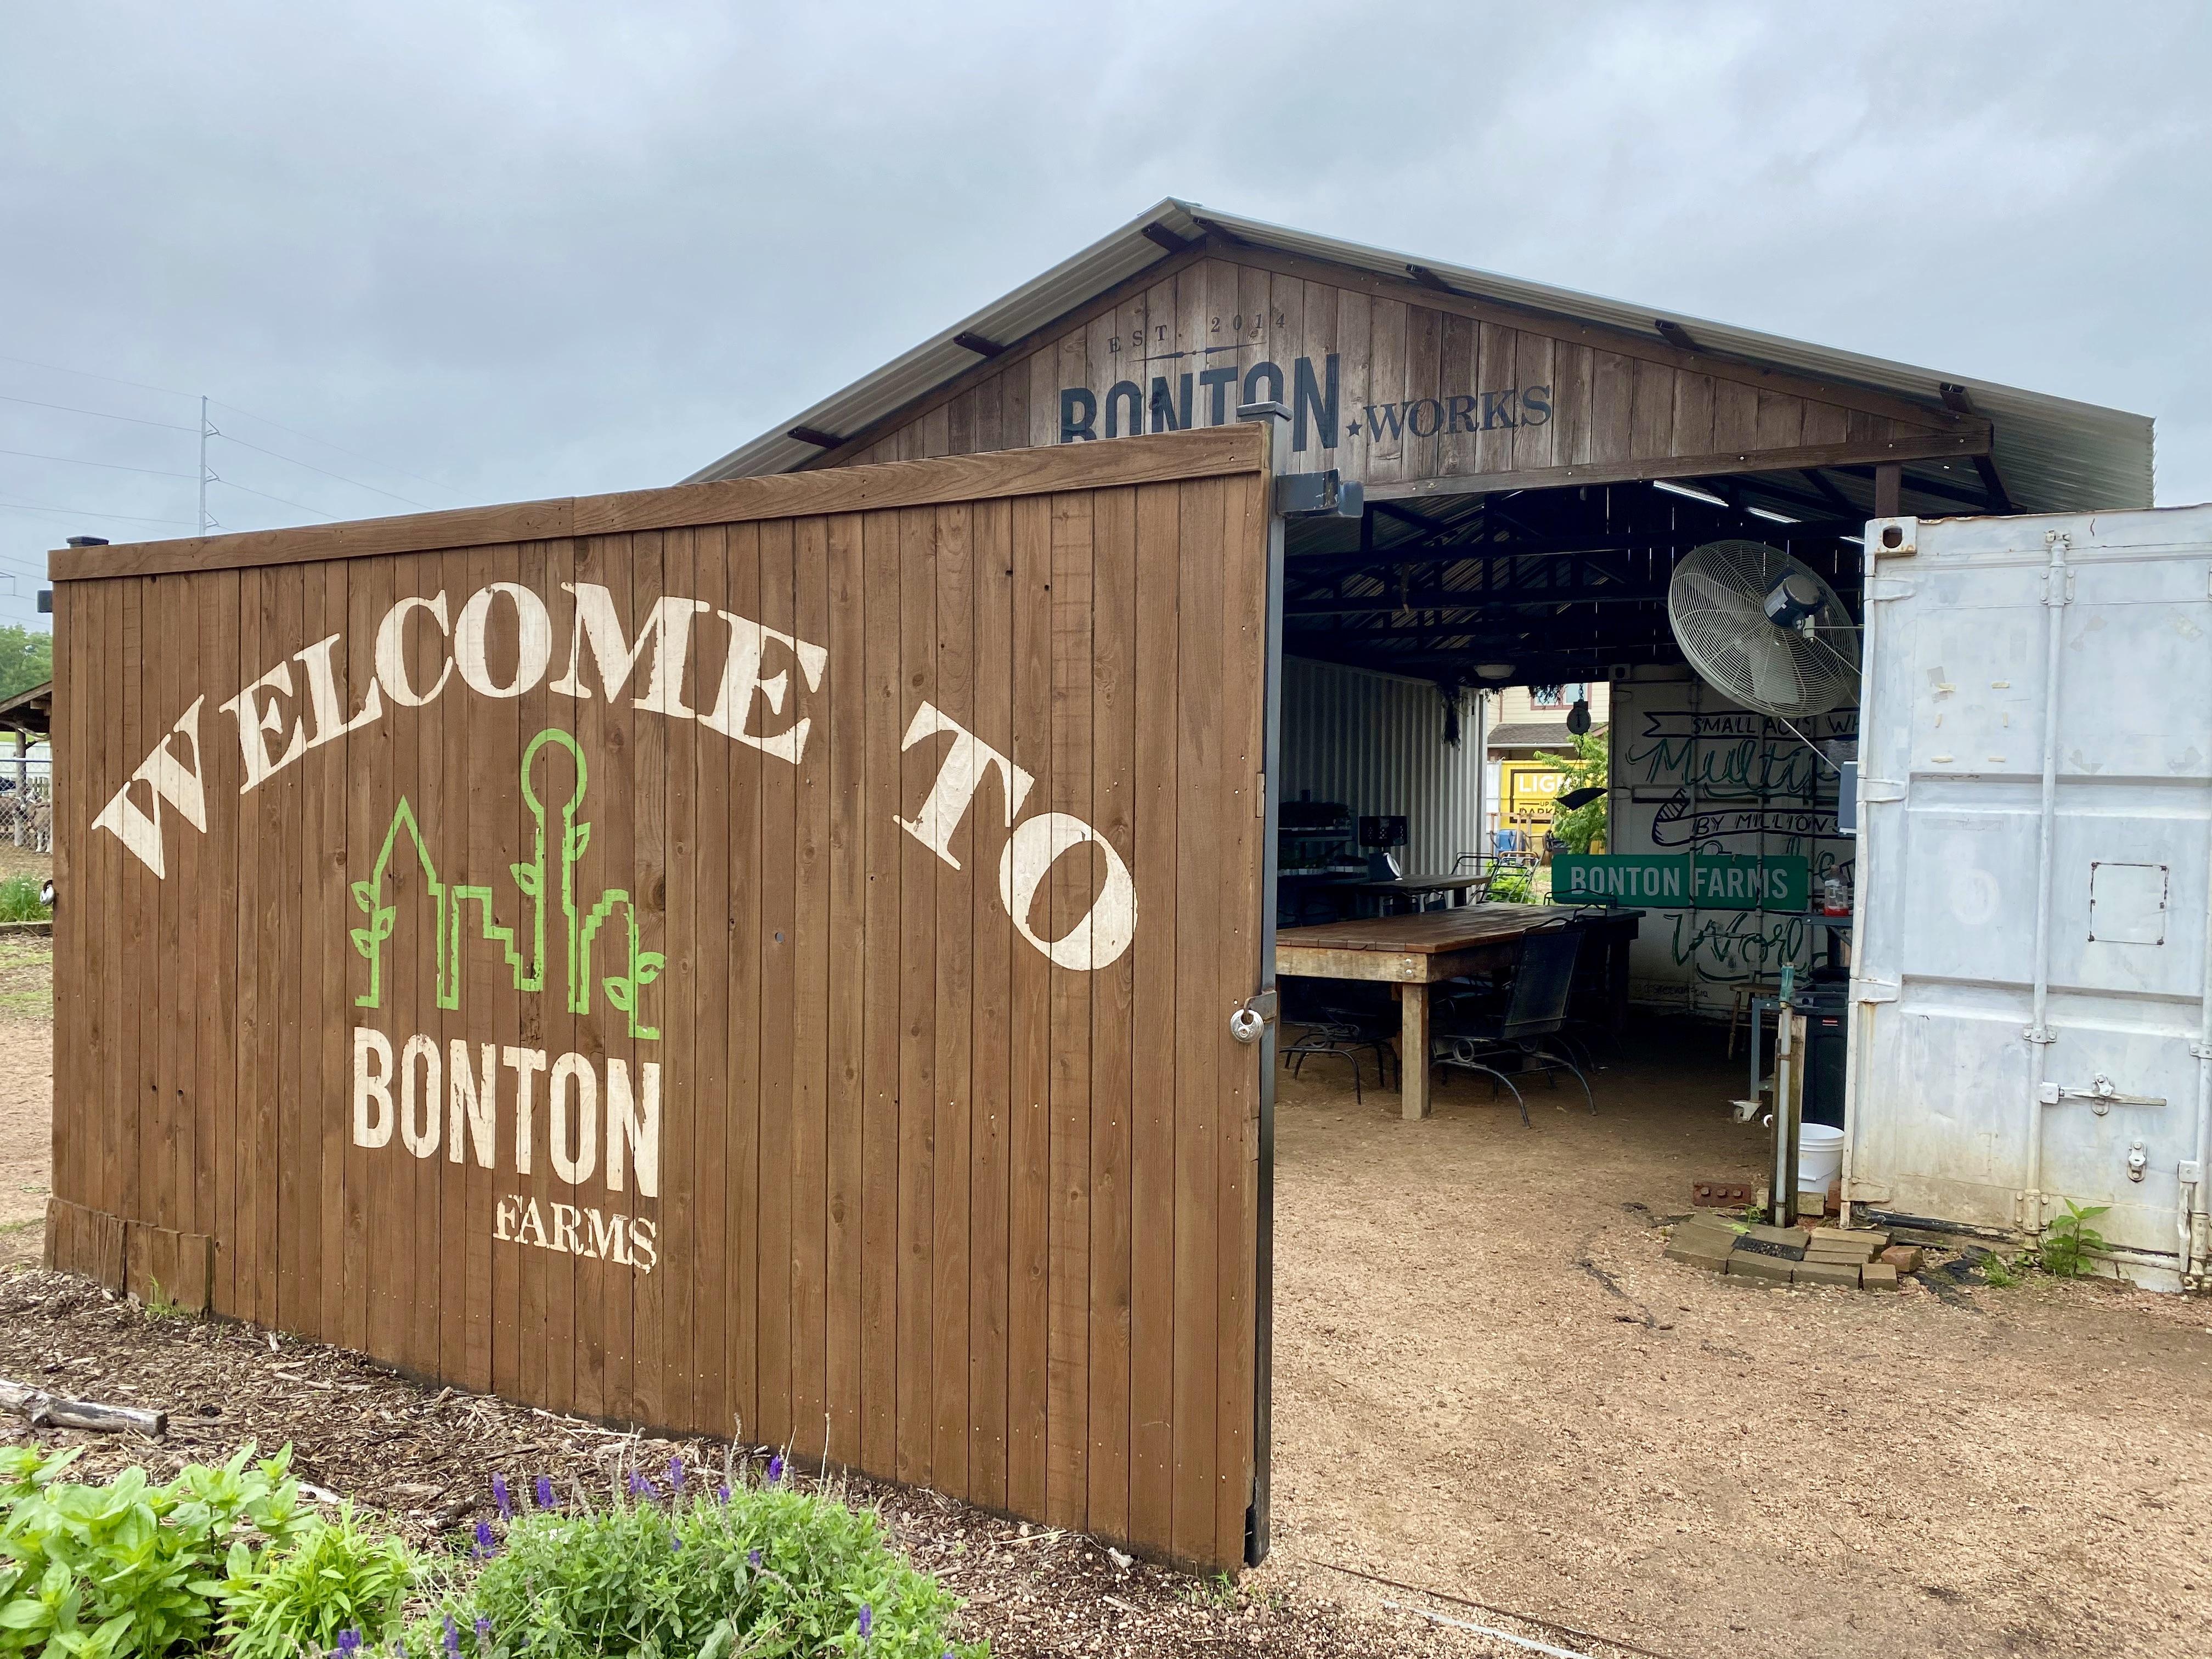 Oak Cliff Bonton Farms